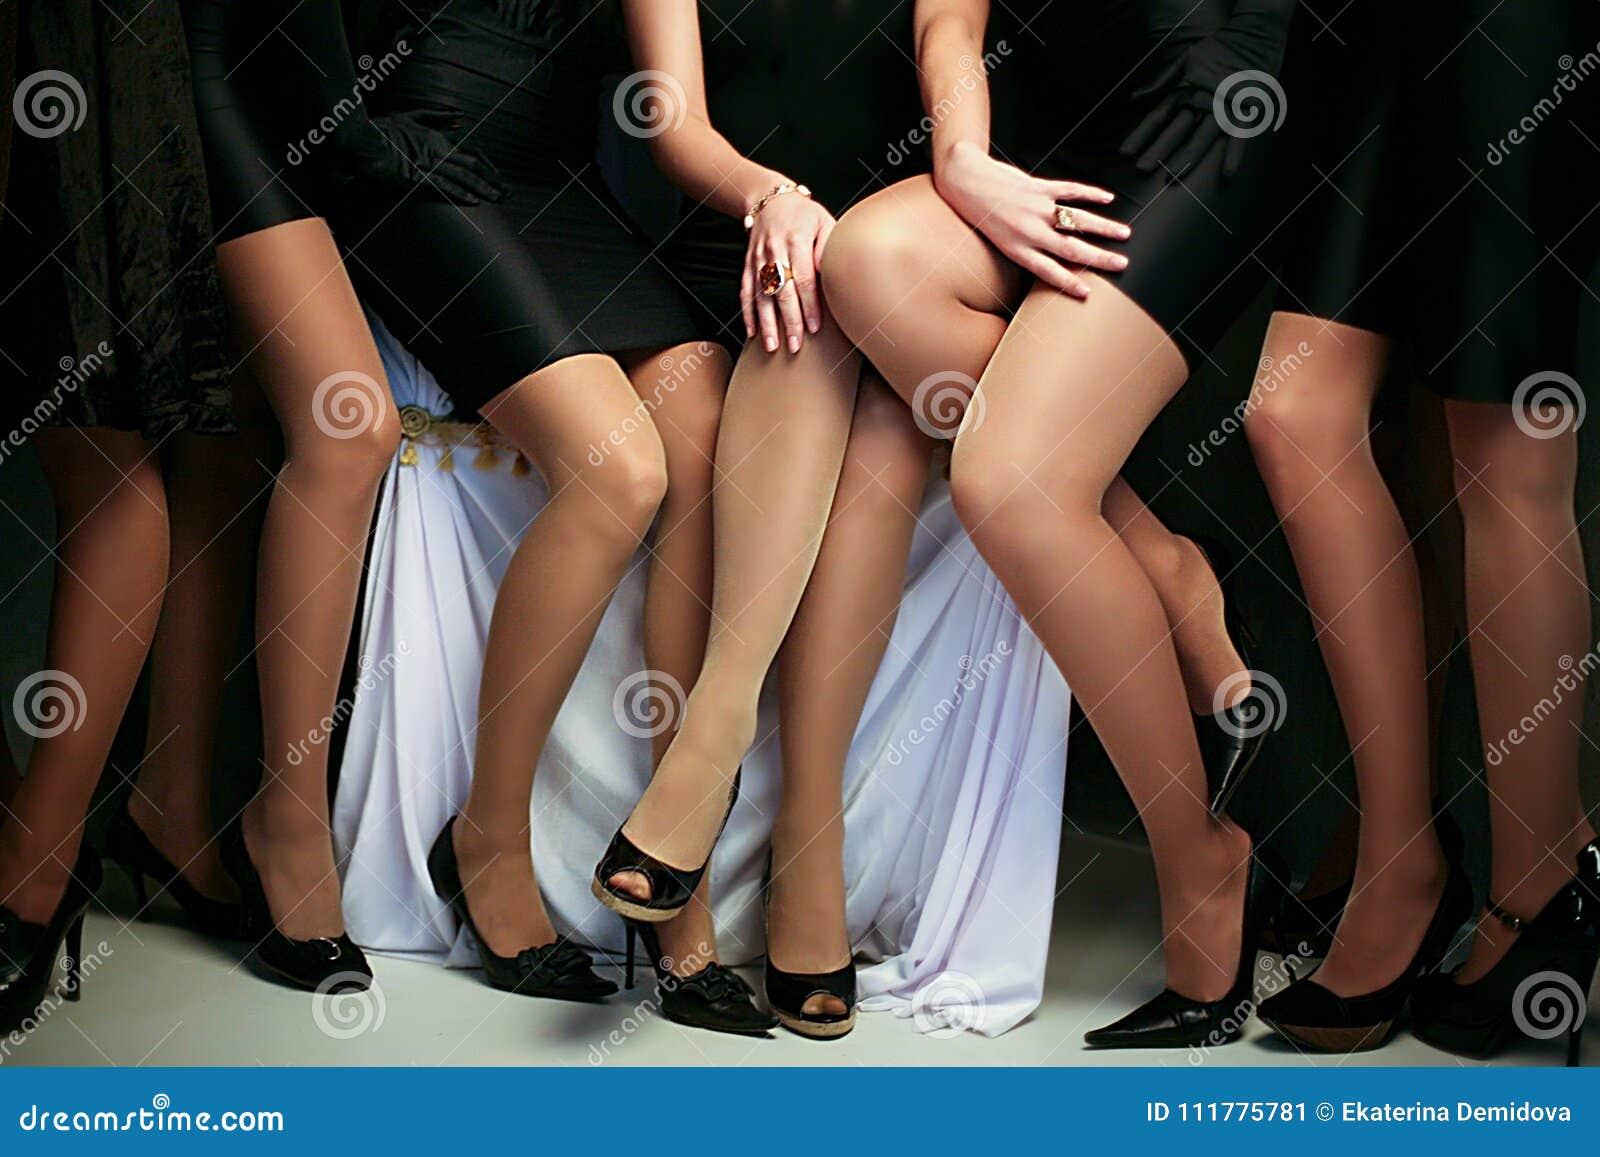 Crop female slender legs in group